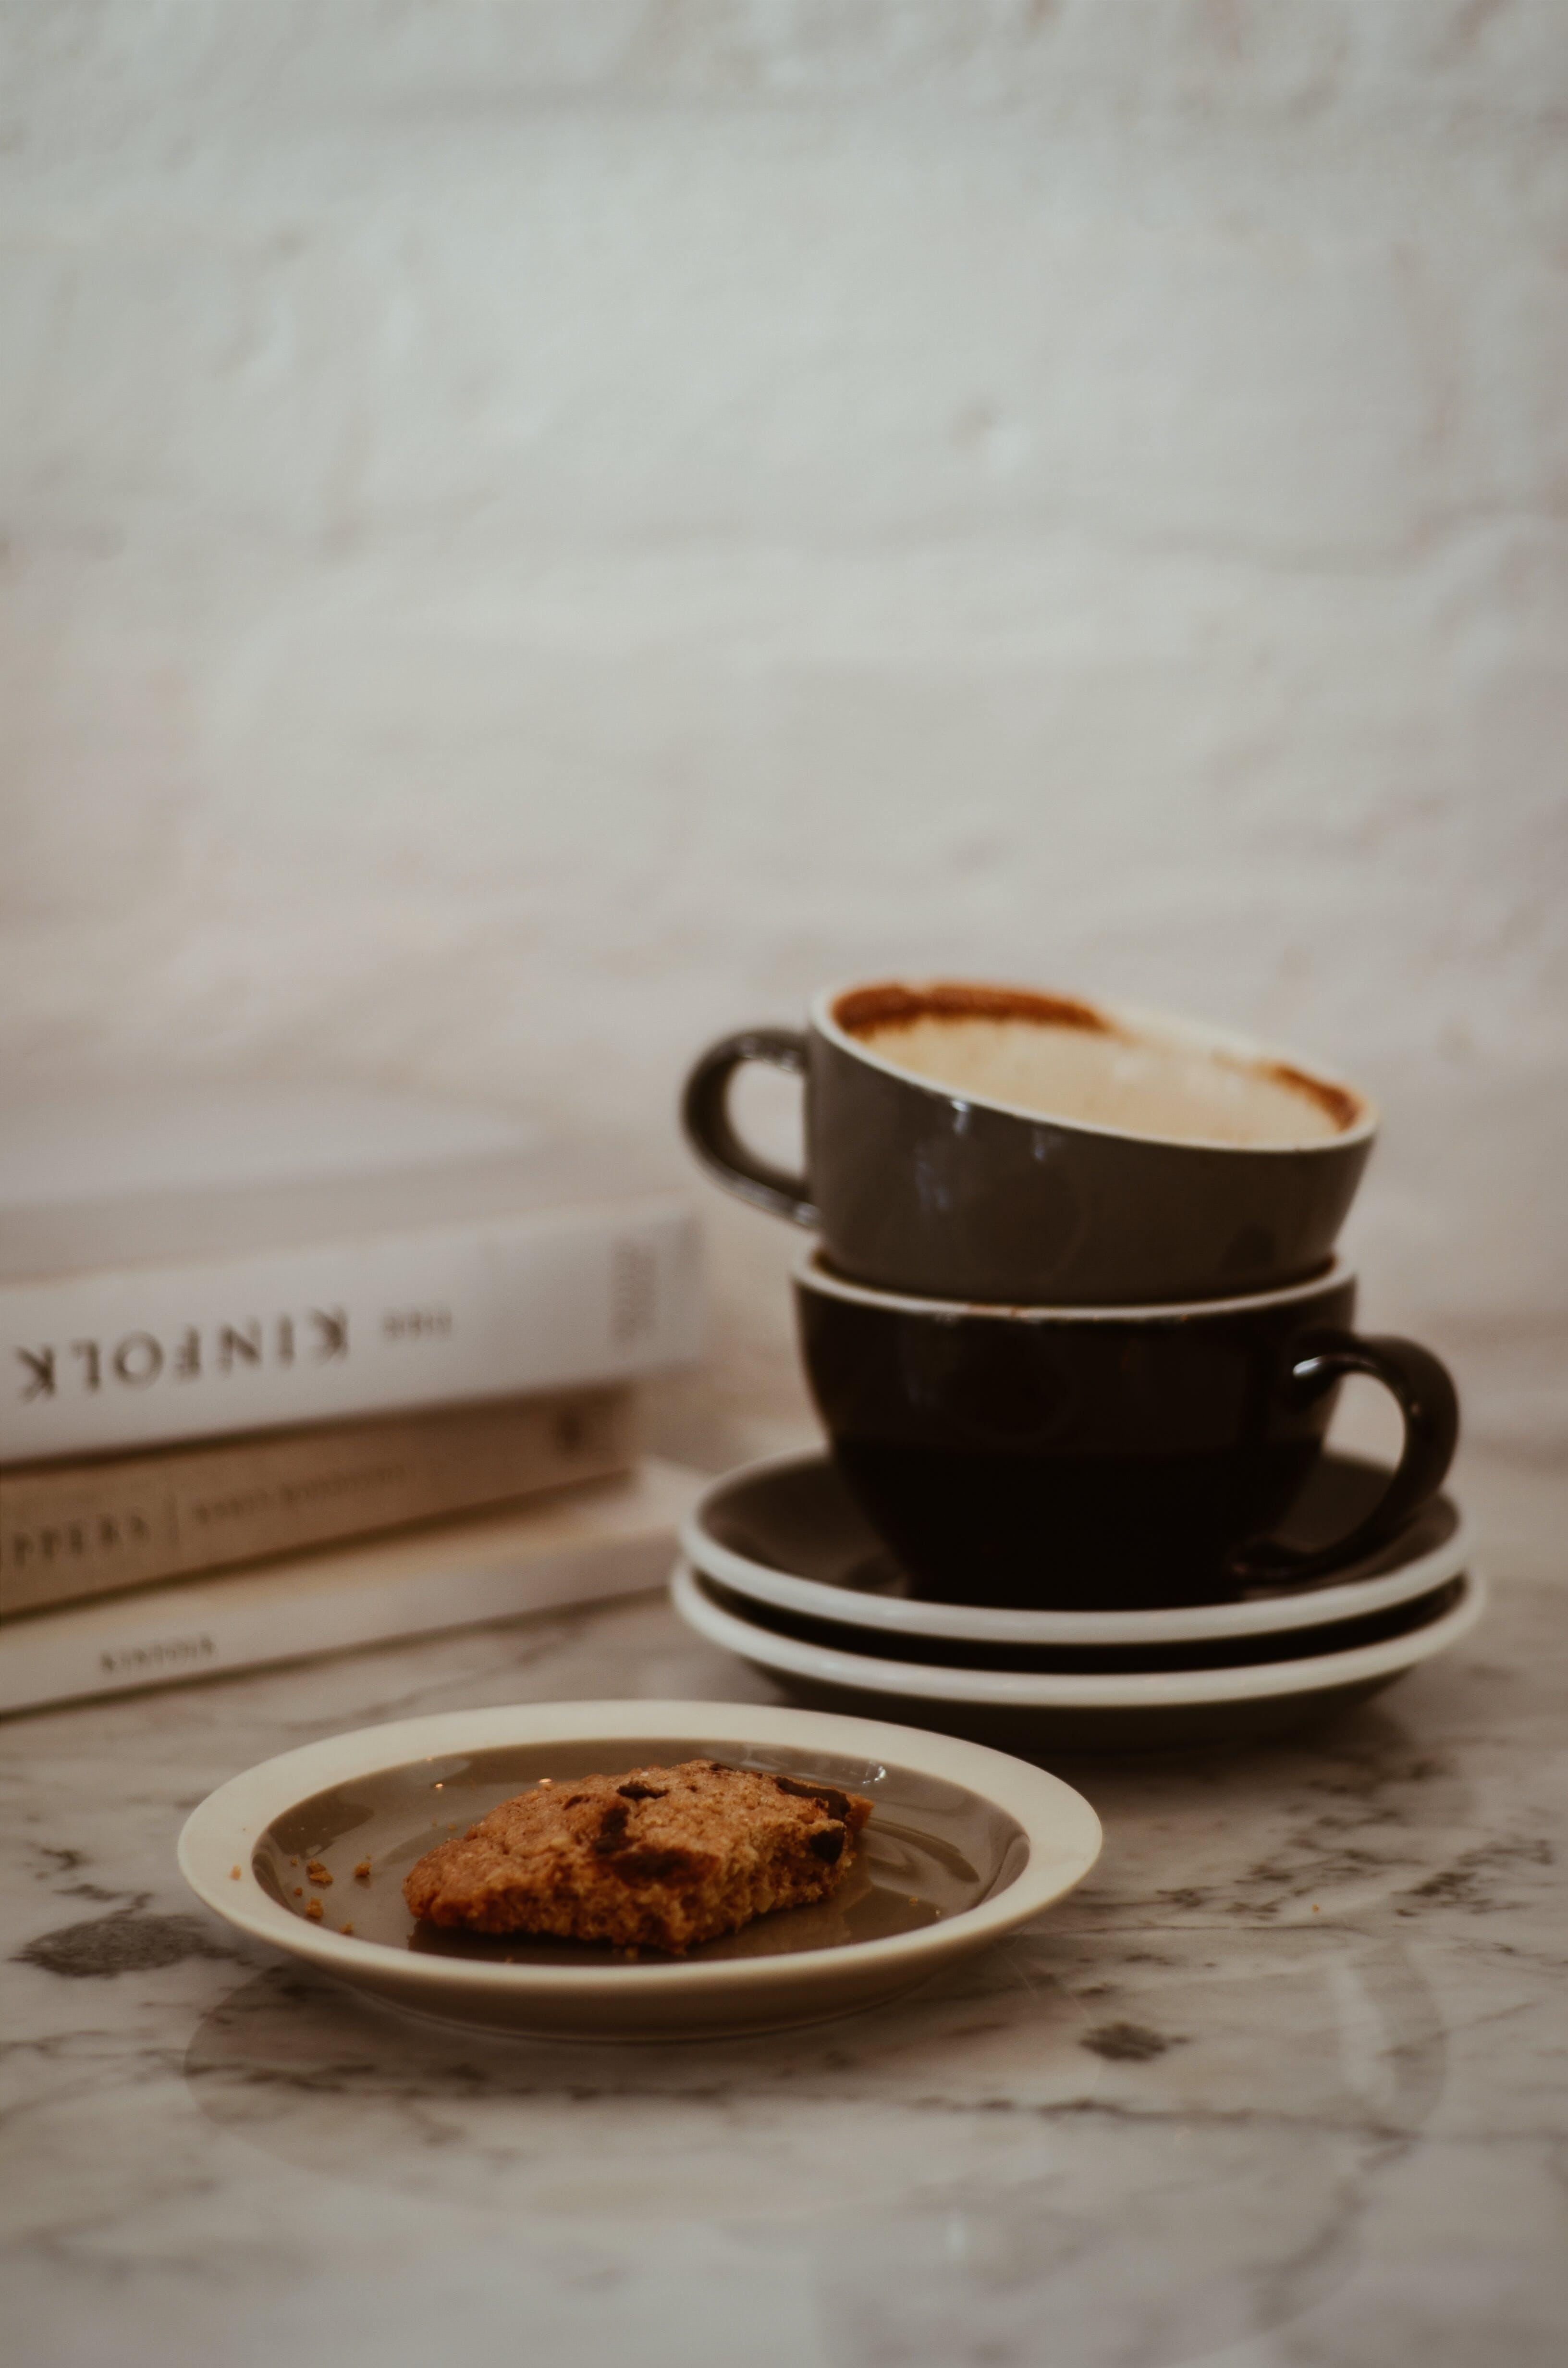 一杯咖啡, 傳統, 卡布奇諾, 可口的 的